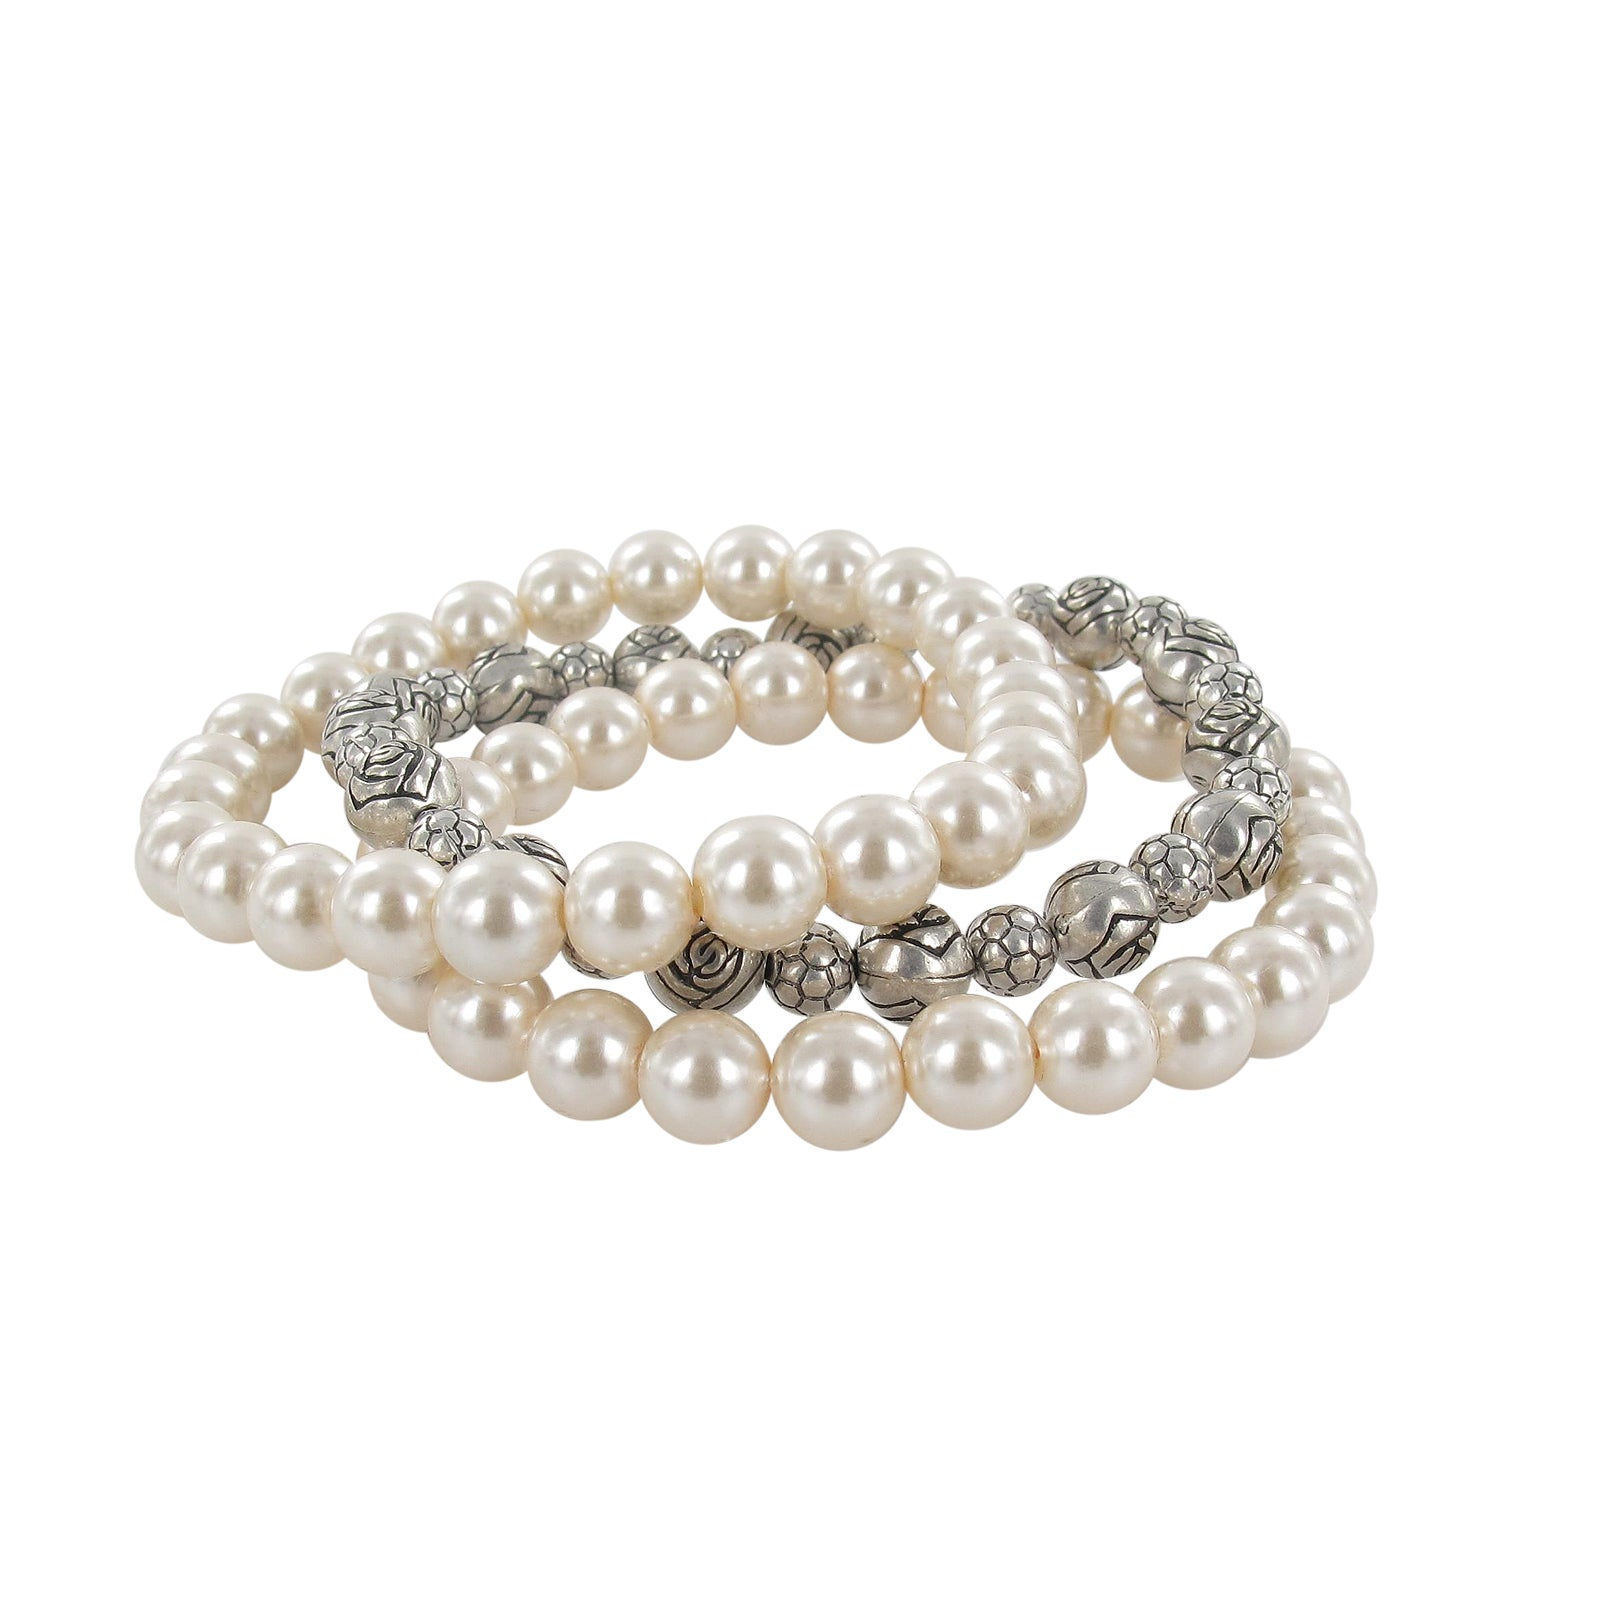 Roman Faux Pearl Strand and Bali Bead Stretch Bracelet Set